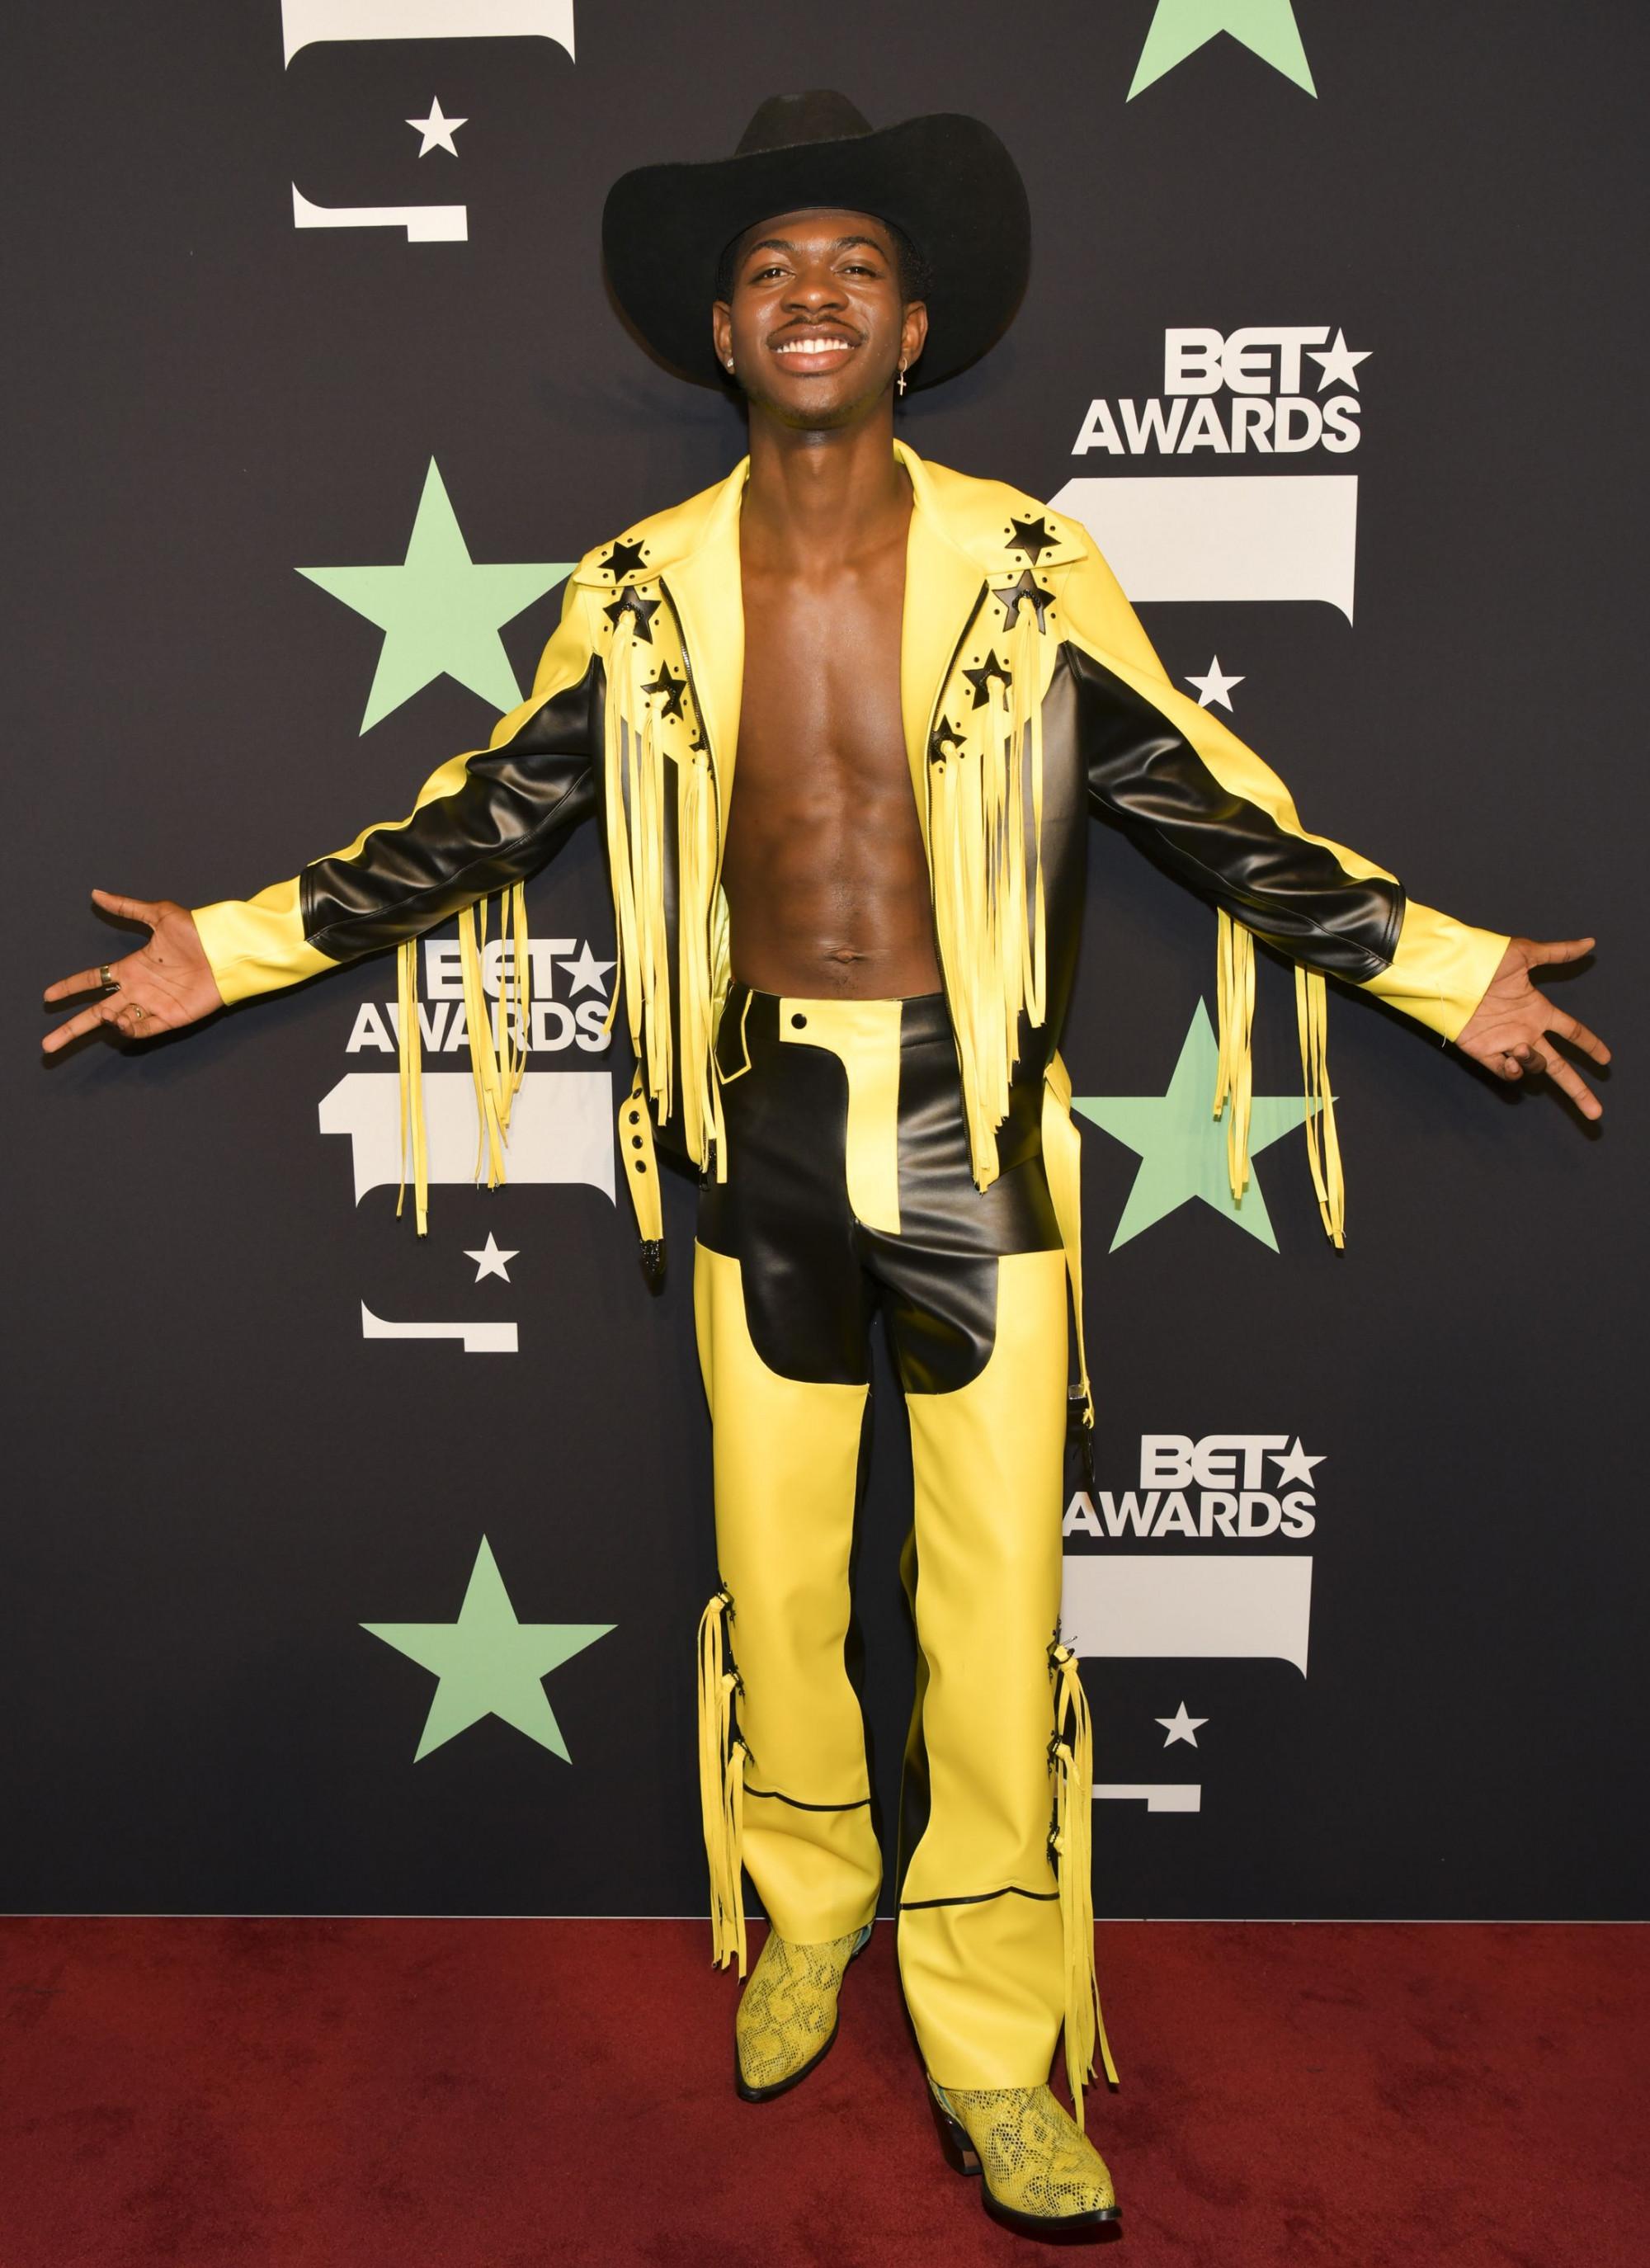 W - một tạp chí điện tử về thời trang nhận định về phong cách của Lil Nas X: 'Anh ấy đã và đang khám phá vùng đất chưa từng